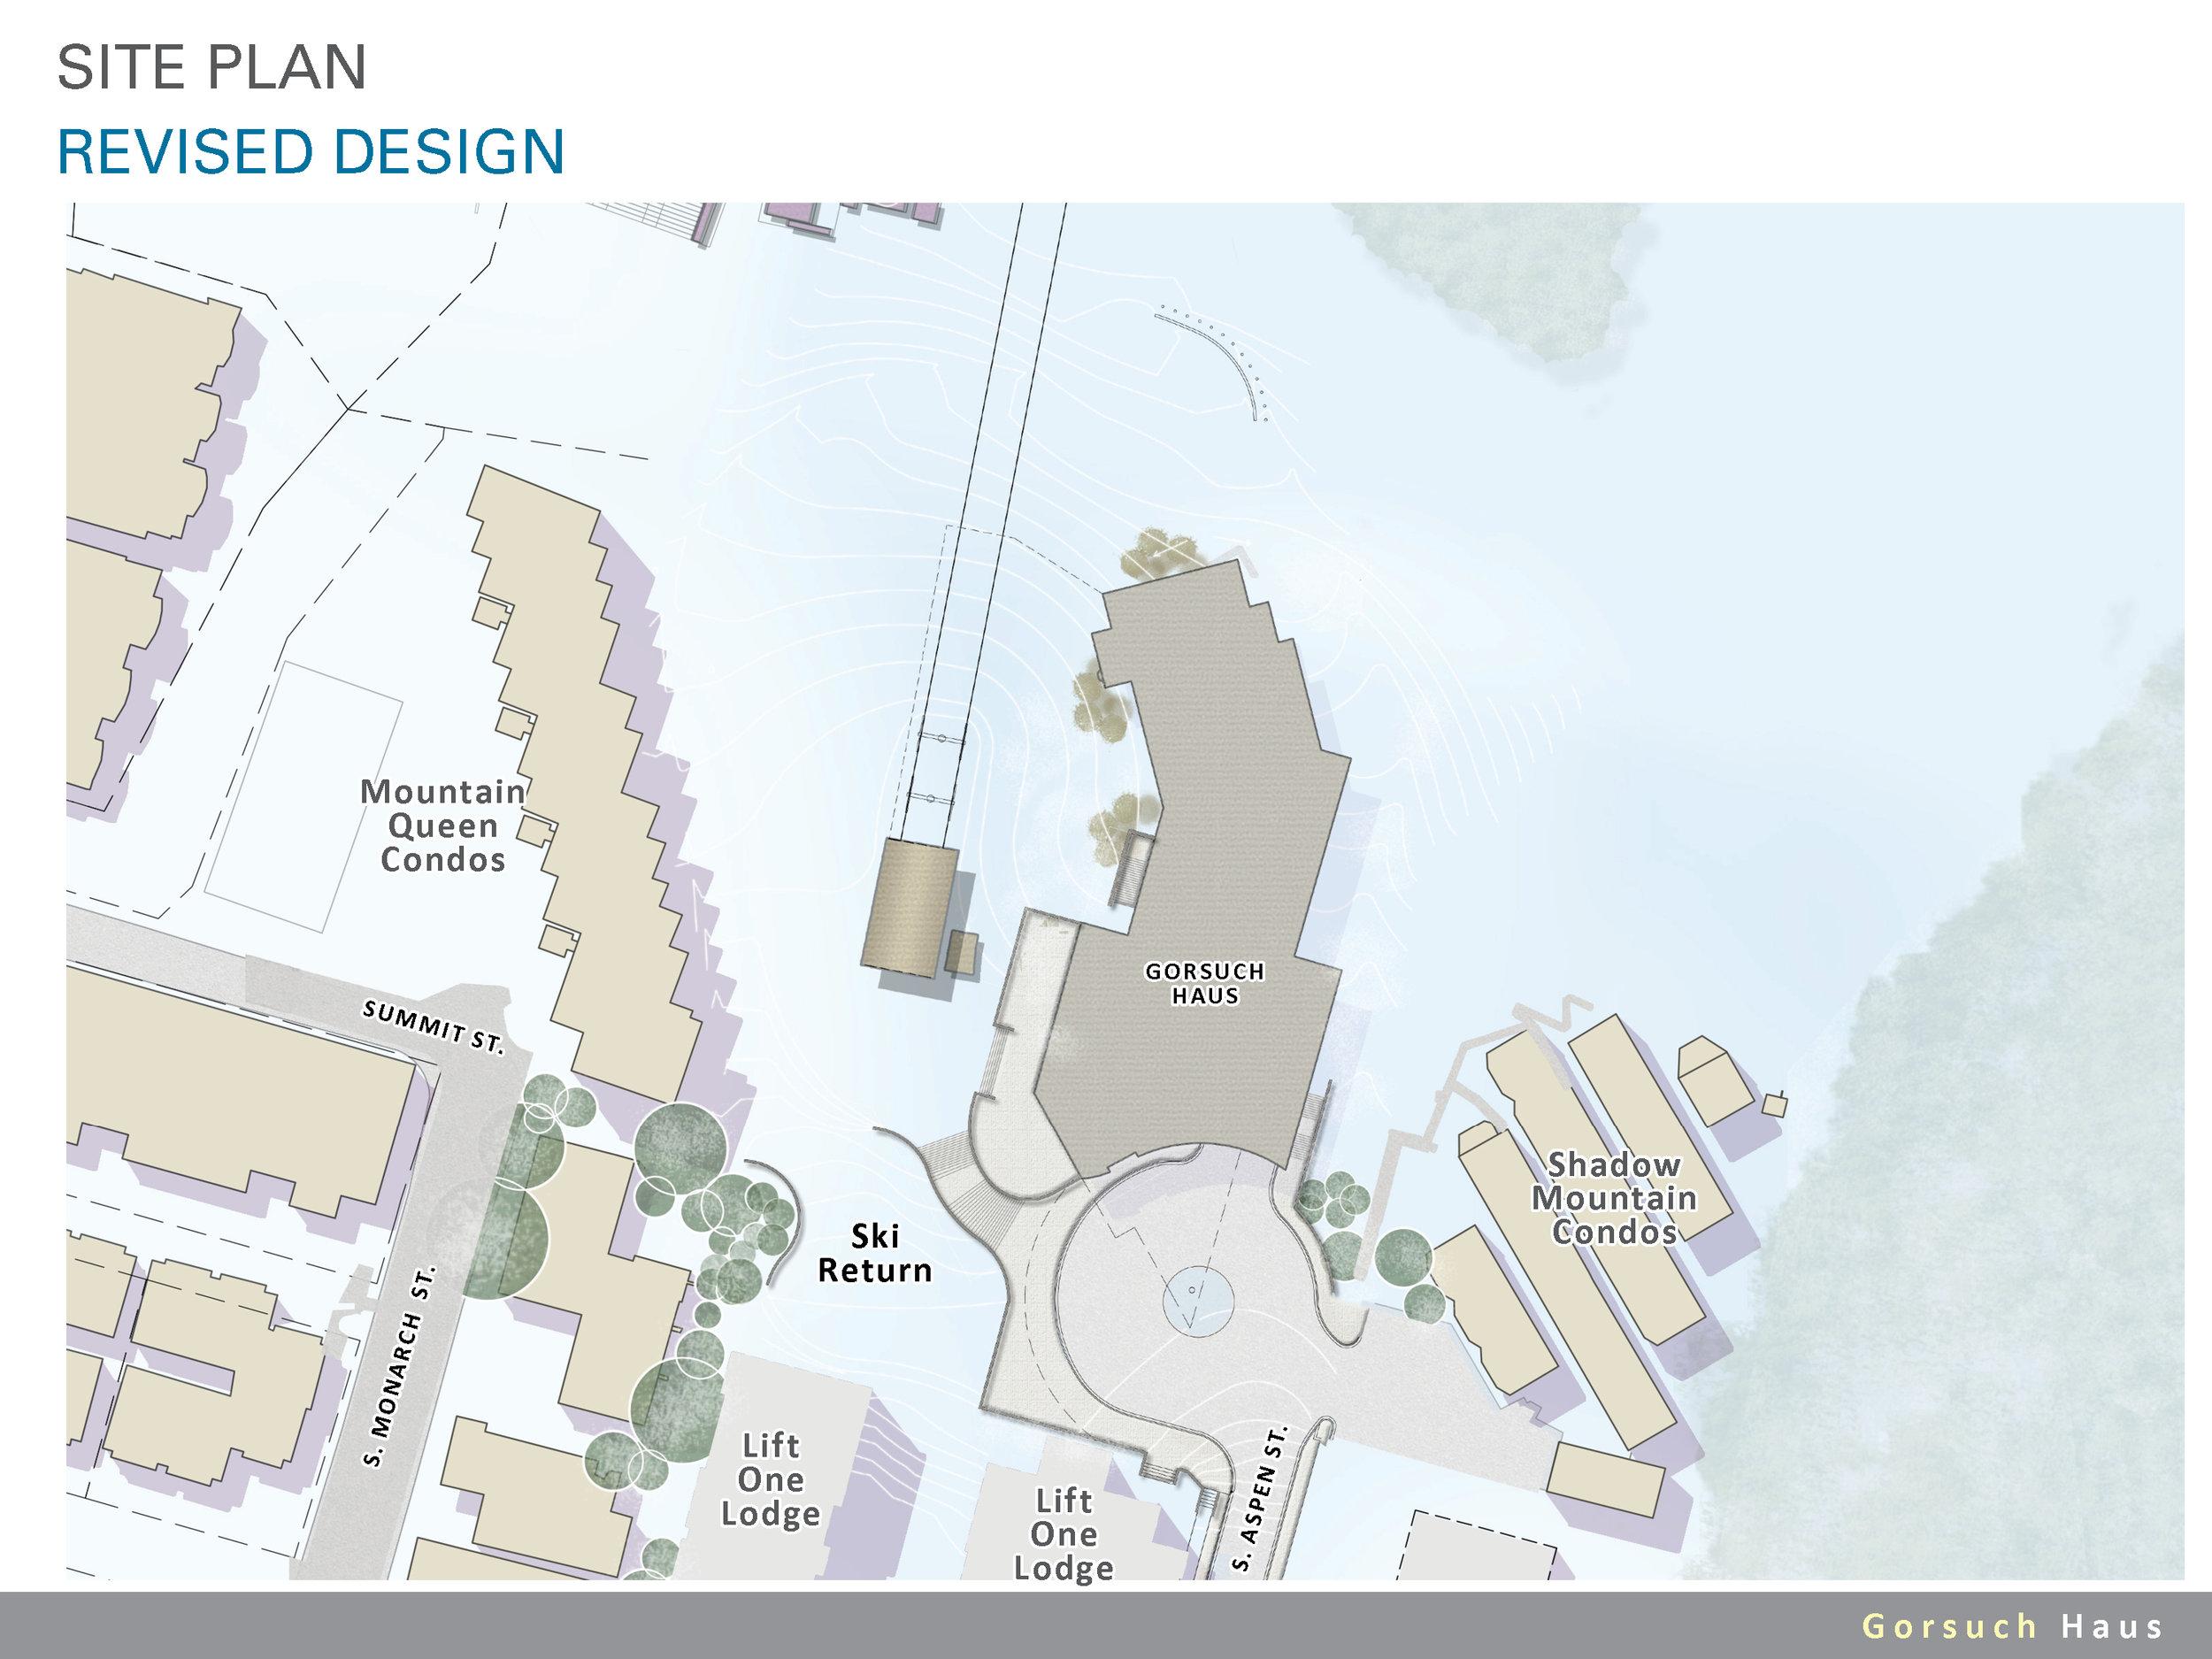 160816_P&ZHearing3 Slides34 Site Plan REVISED.jpg